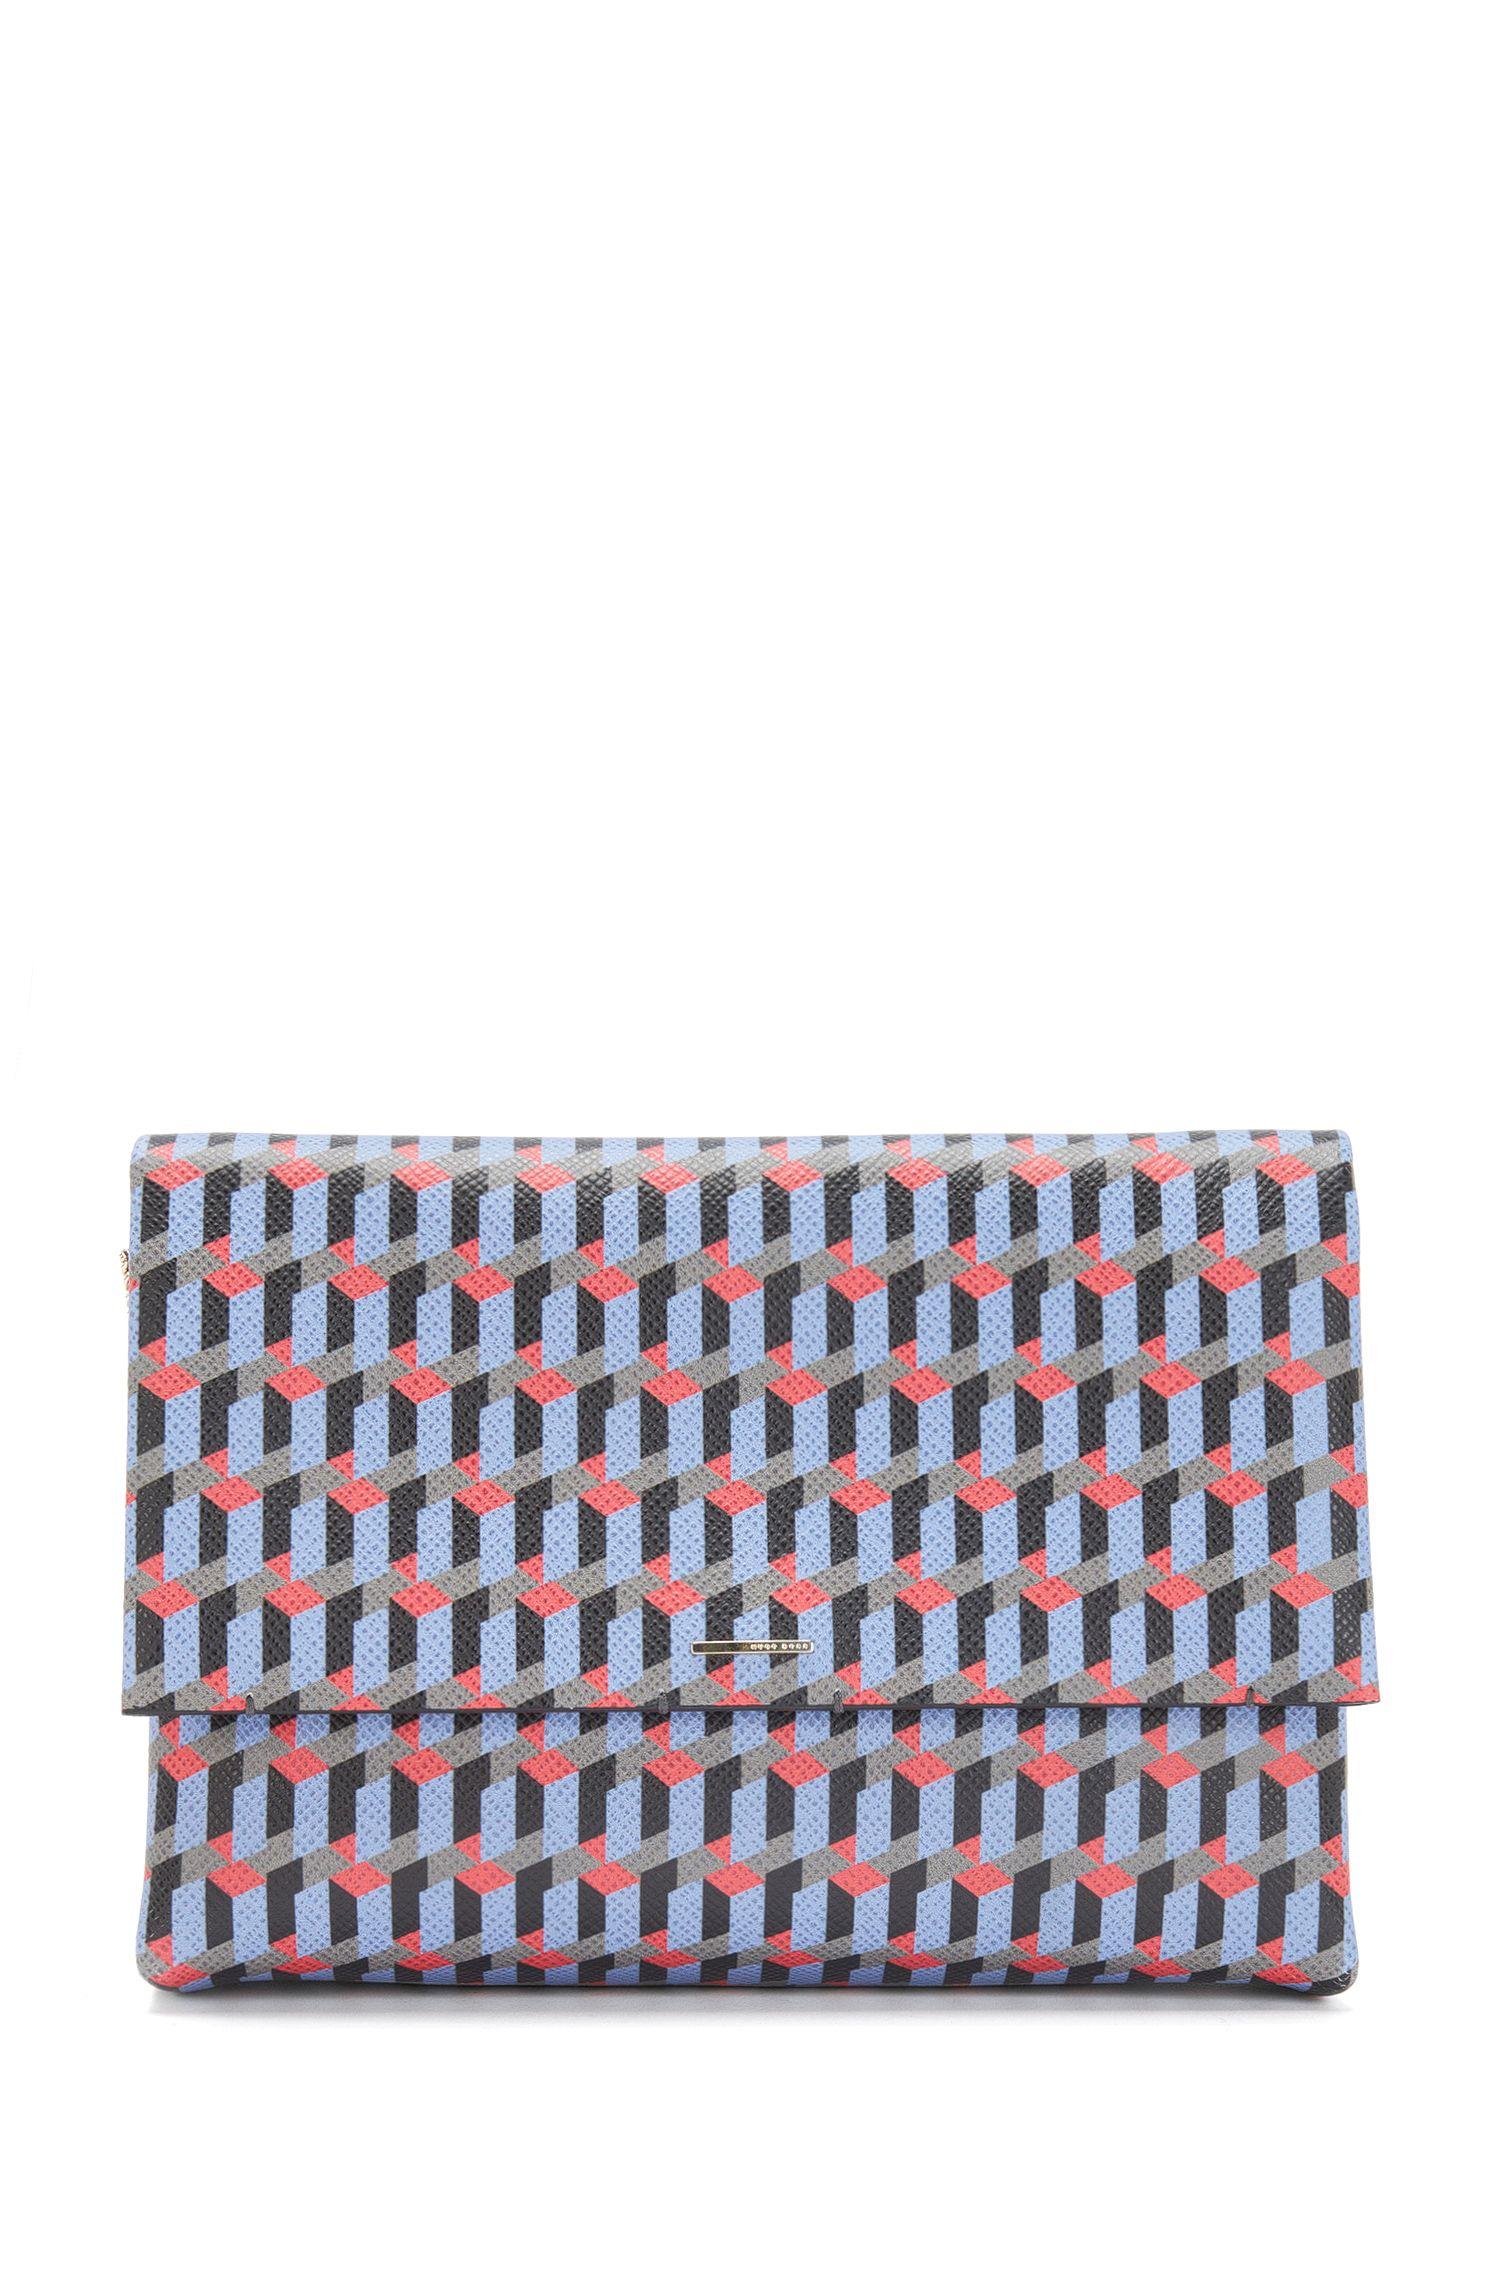 Gemusterte Handtasche aus Leder mit abnehmbarem Schulterriemen: 'Luxury S. Mini FP'